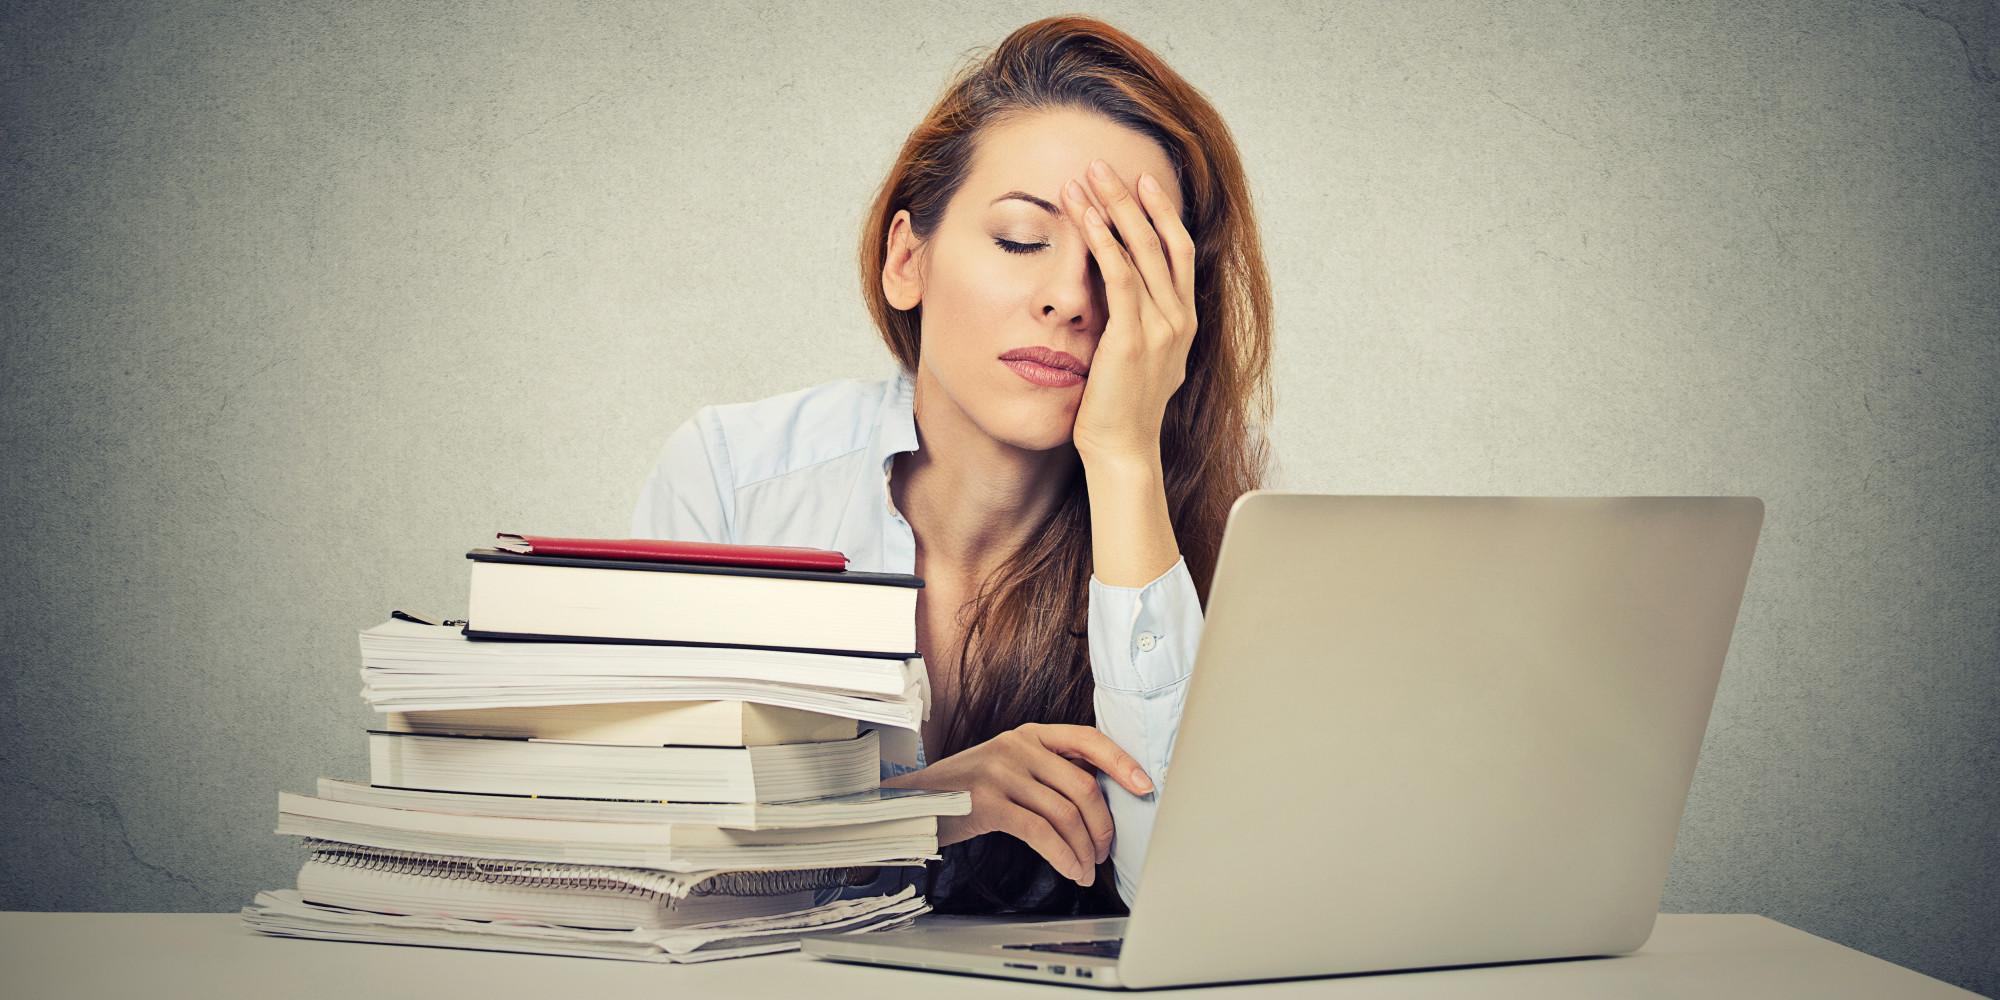 """Результат пошуку зображень за запитом """"симптоми хронічної втоми"""""""